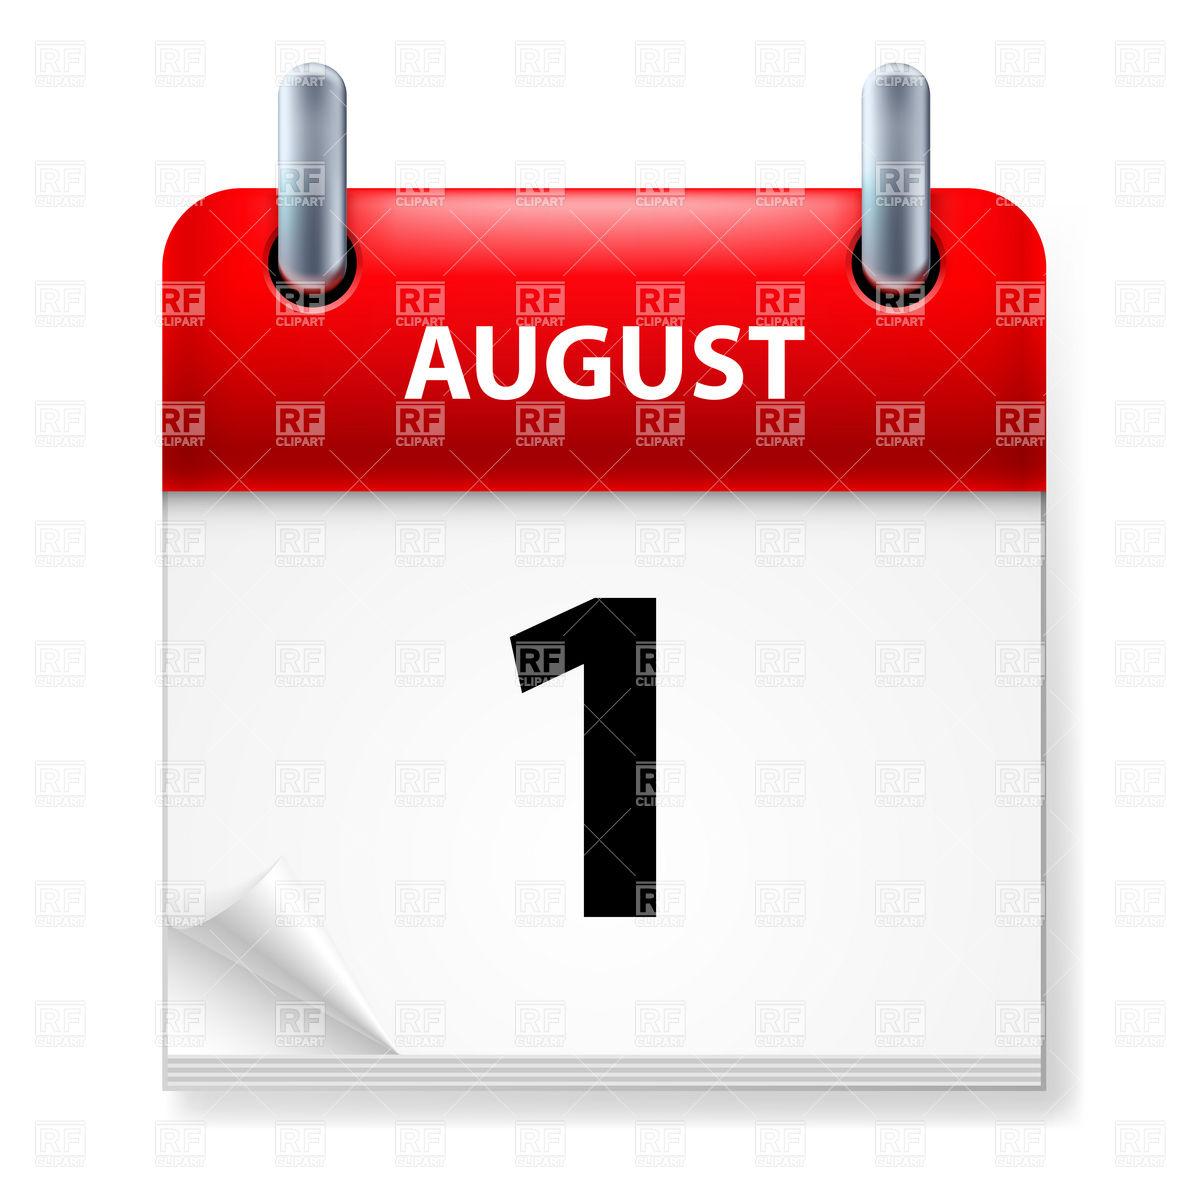 Clipart calendar august 2015.